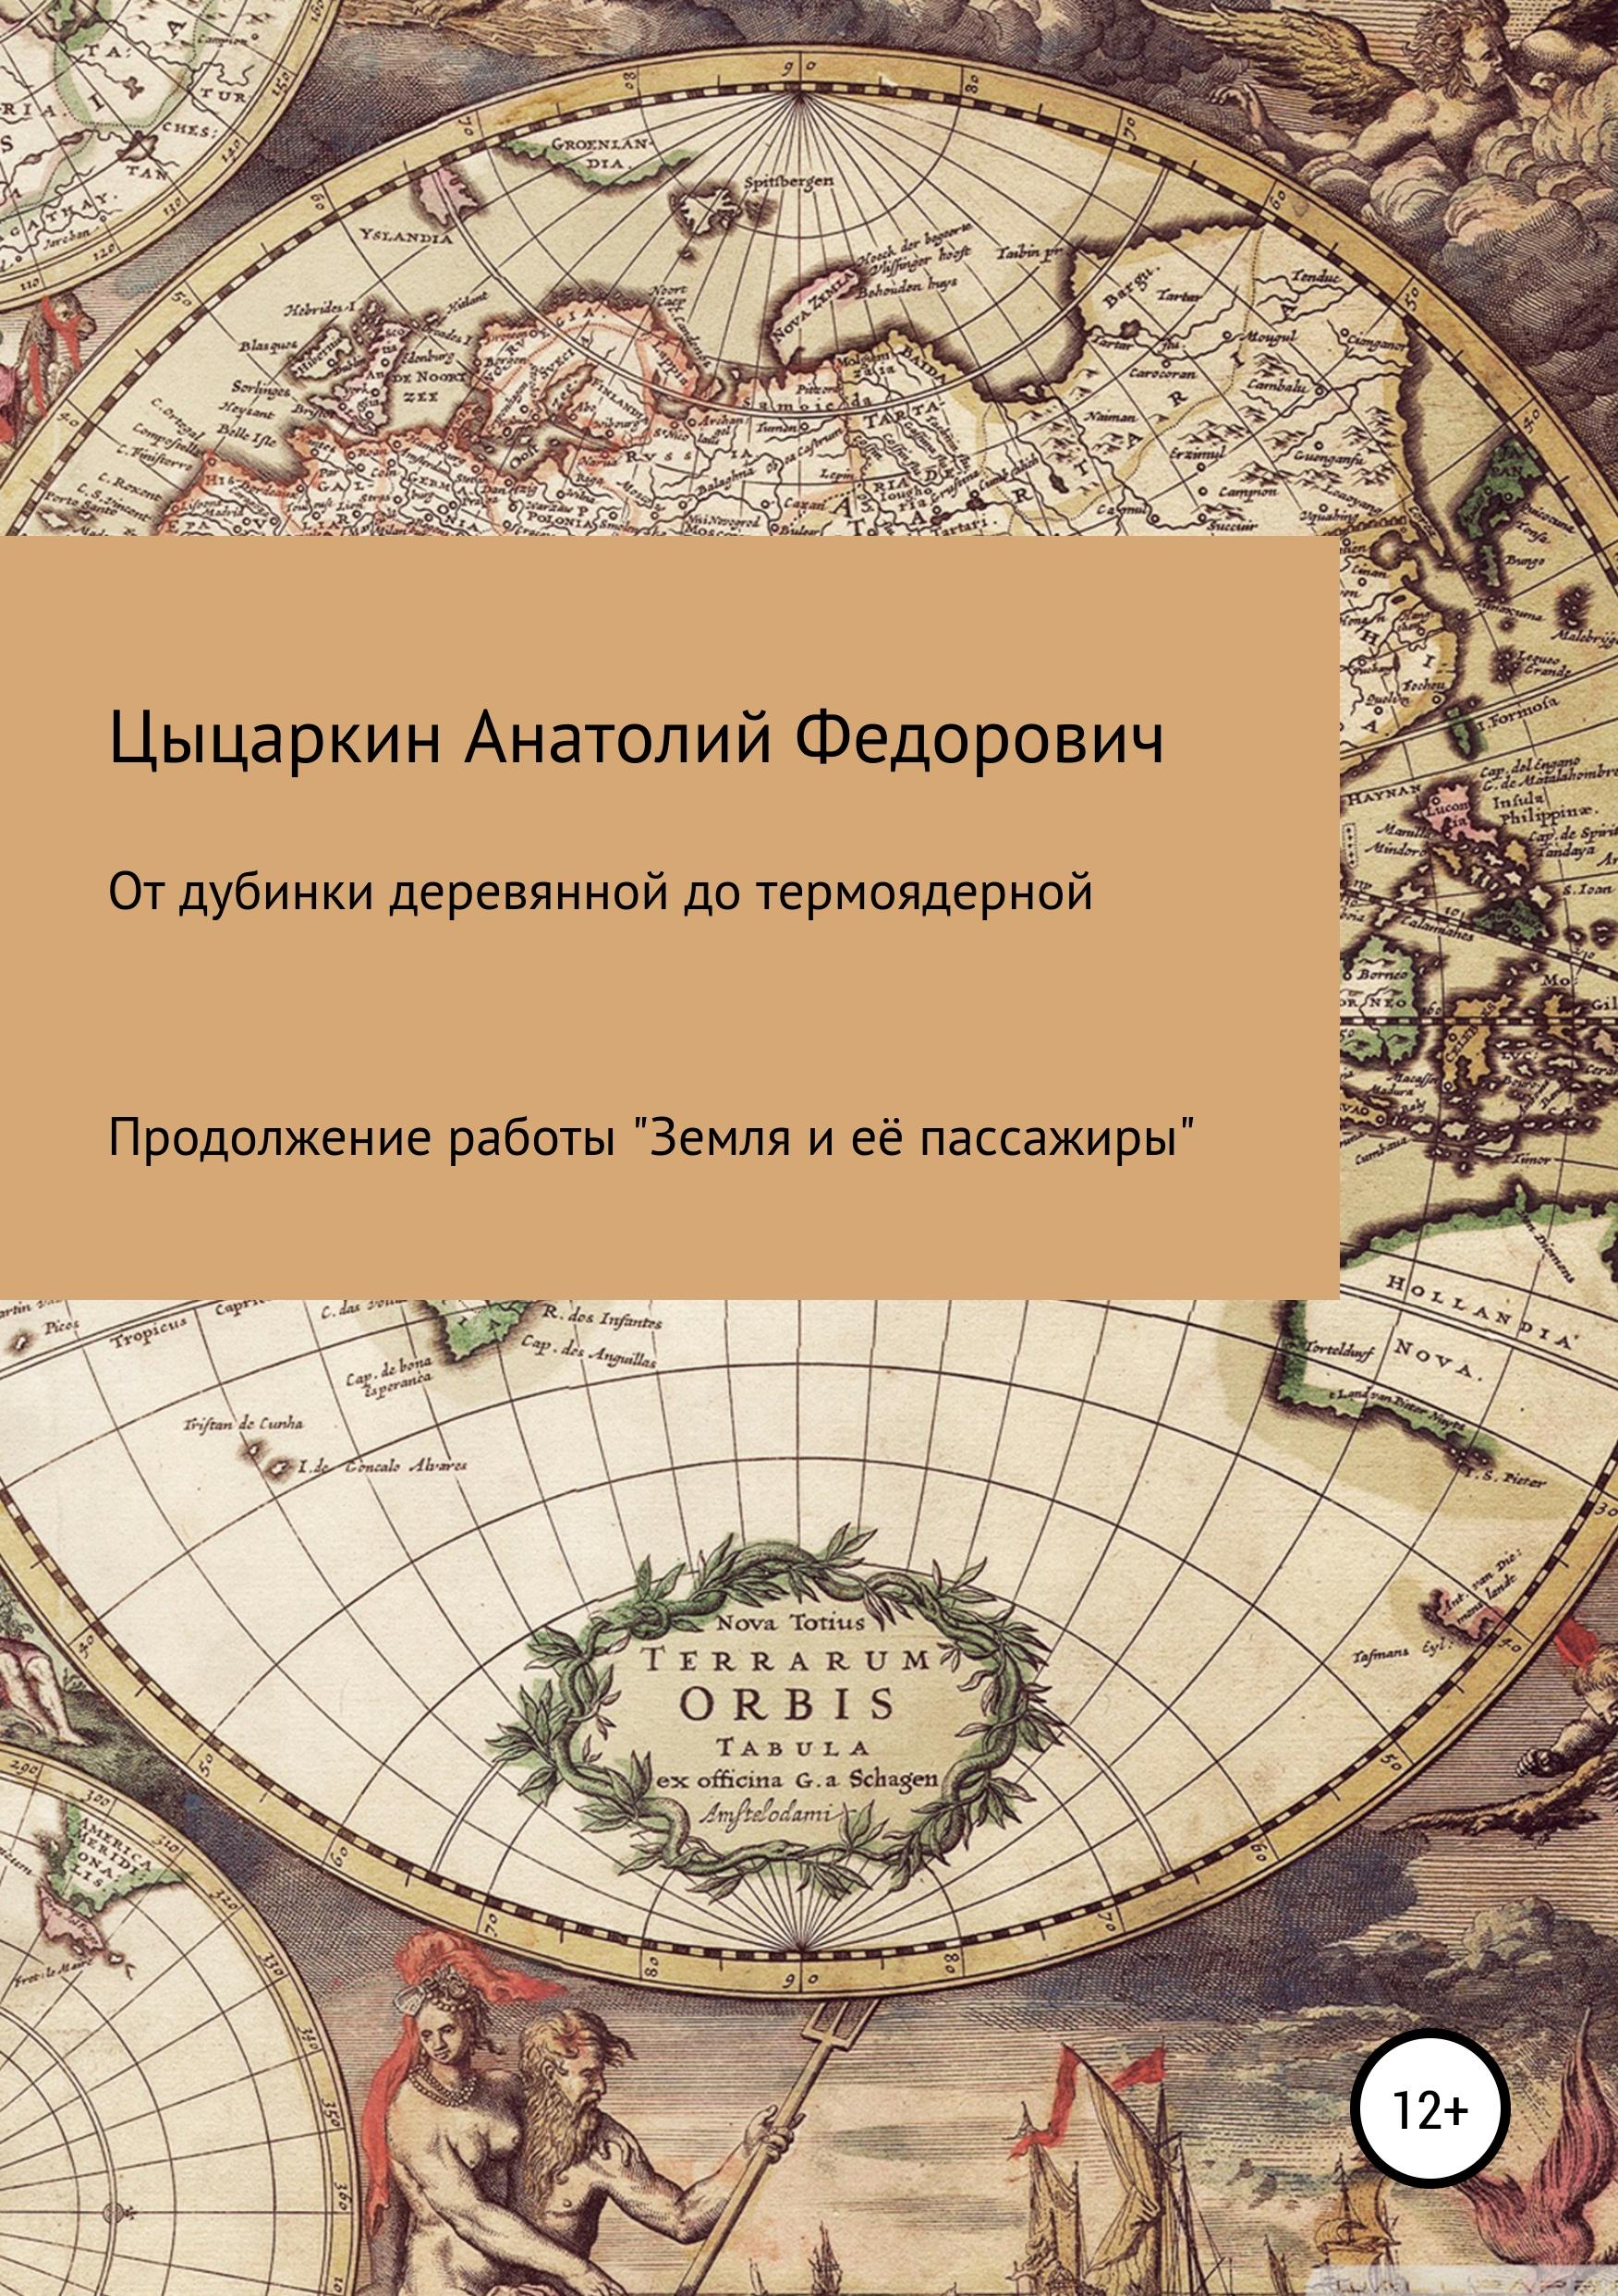 Анатолий Фёдорович Цыцаркин От дубинки деревянной до термоядерной